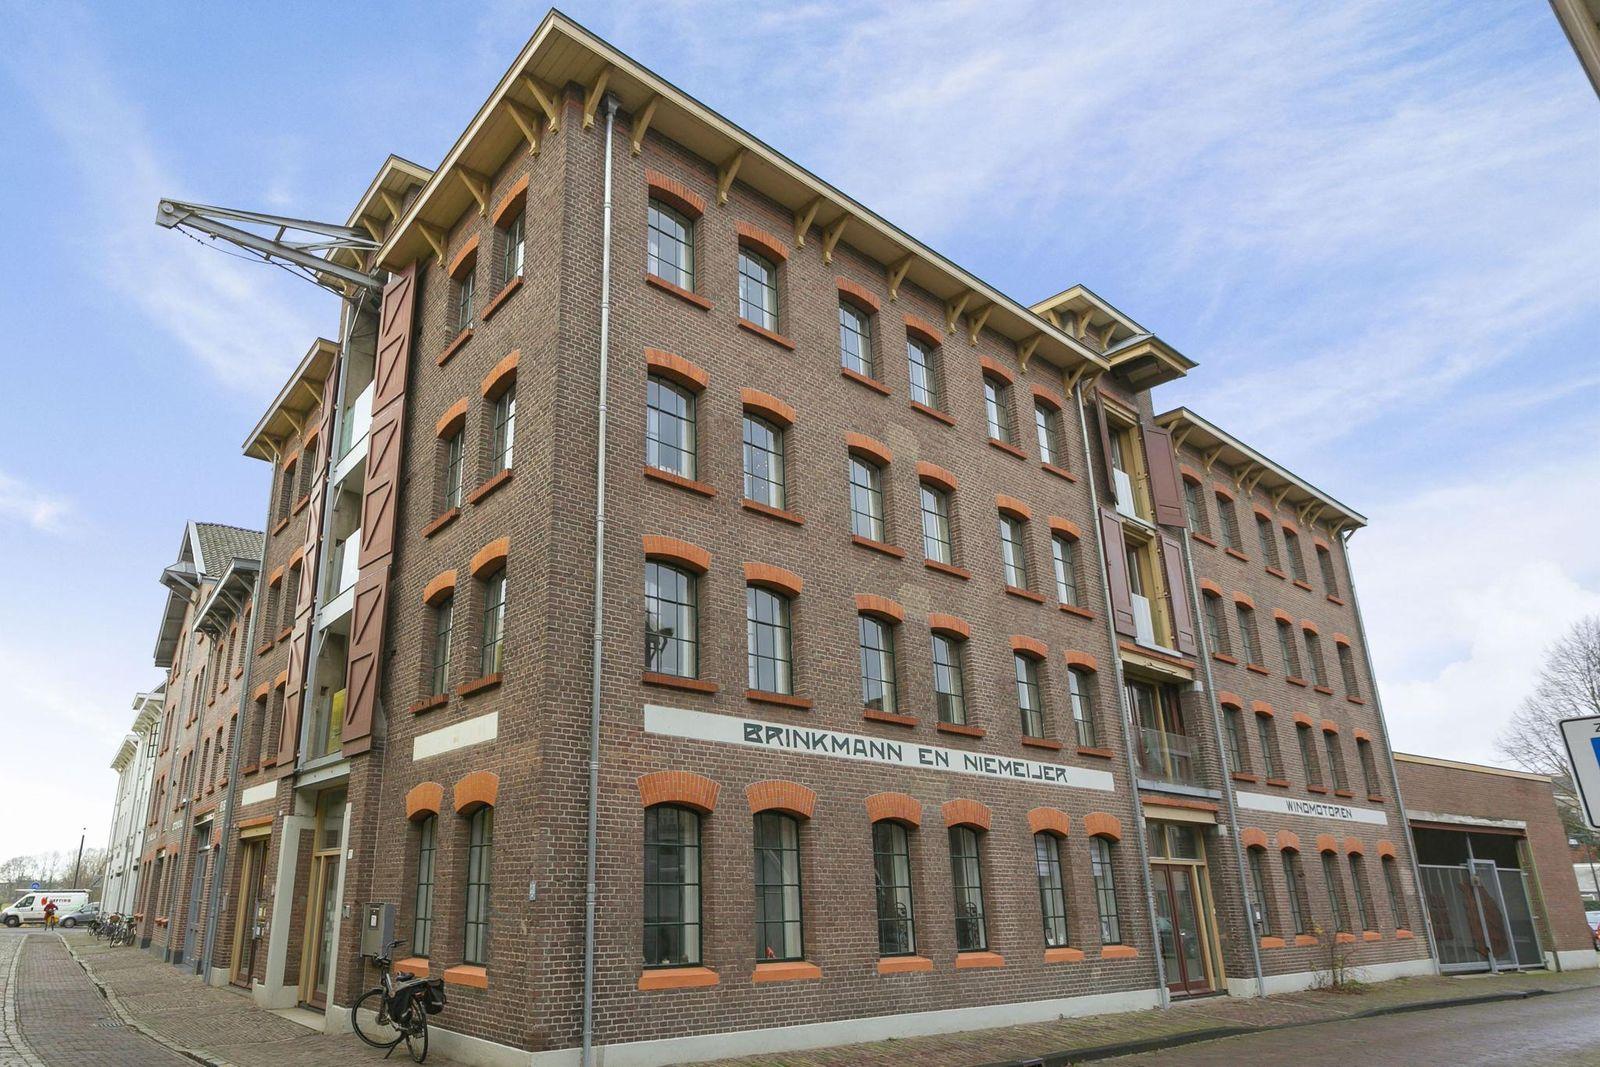 Kuiperstraat 70-C, Zutphen